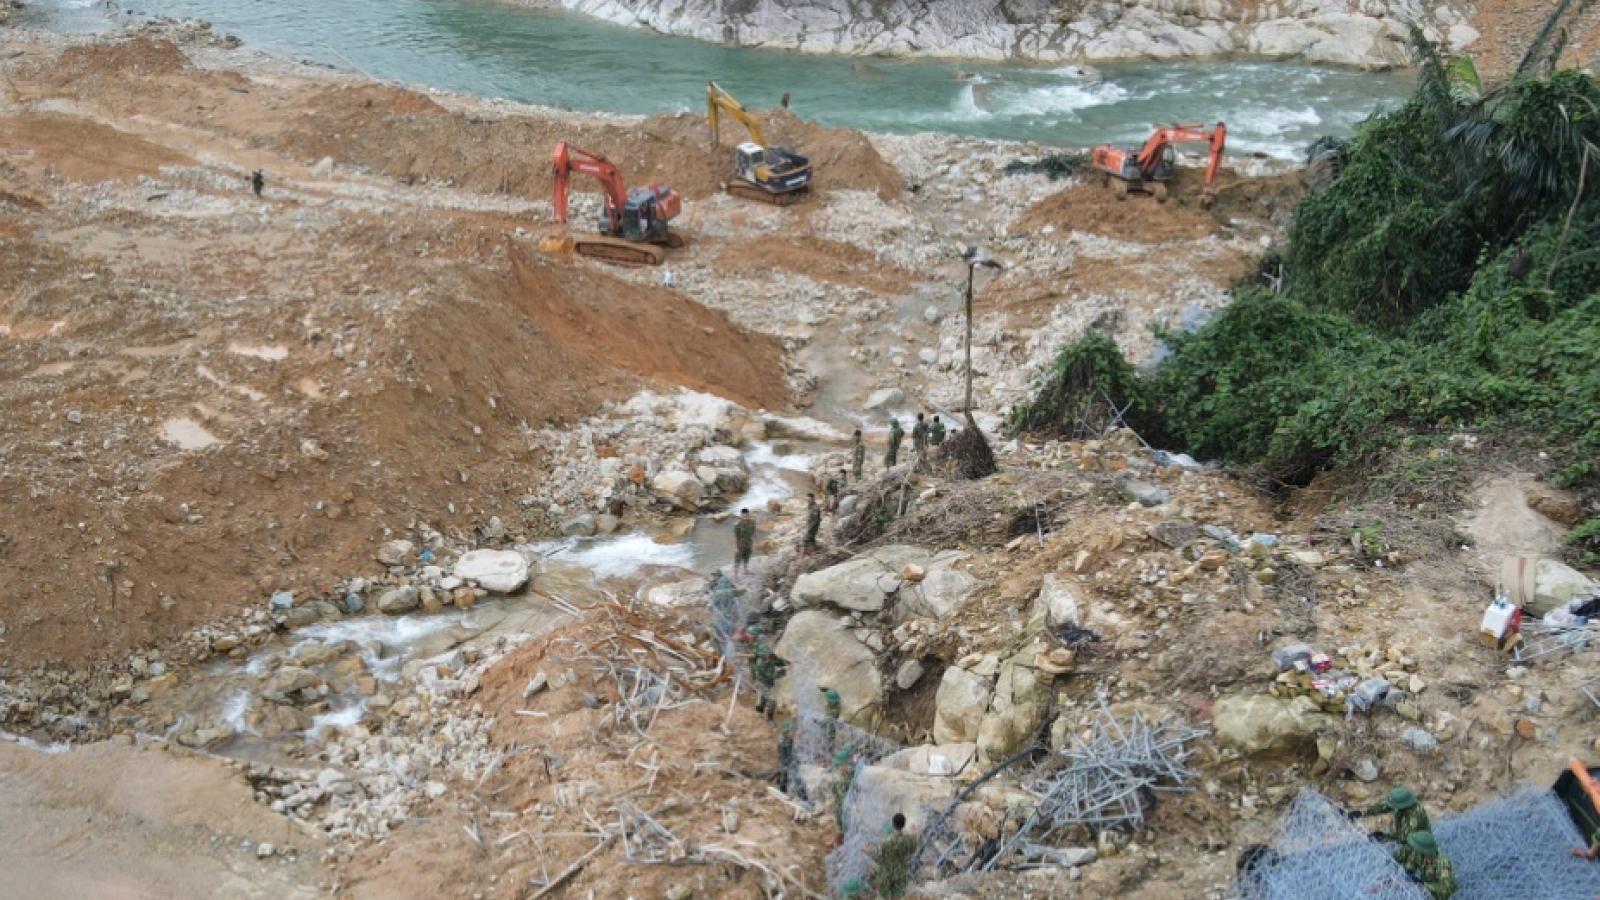 Nước suối Rào Trăng dâng cao, việc nắn dòng gặp khó khăn